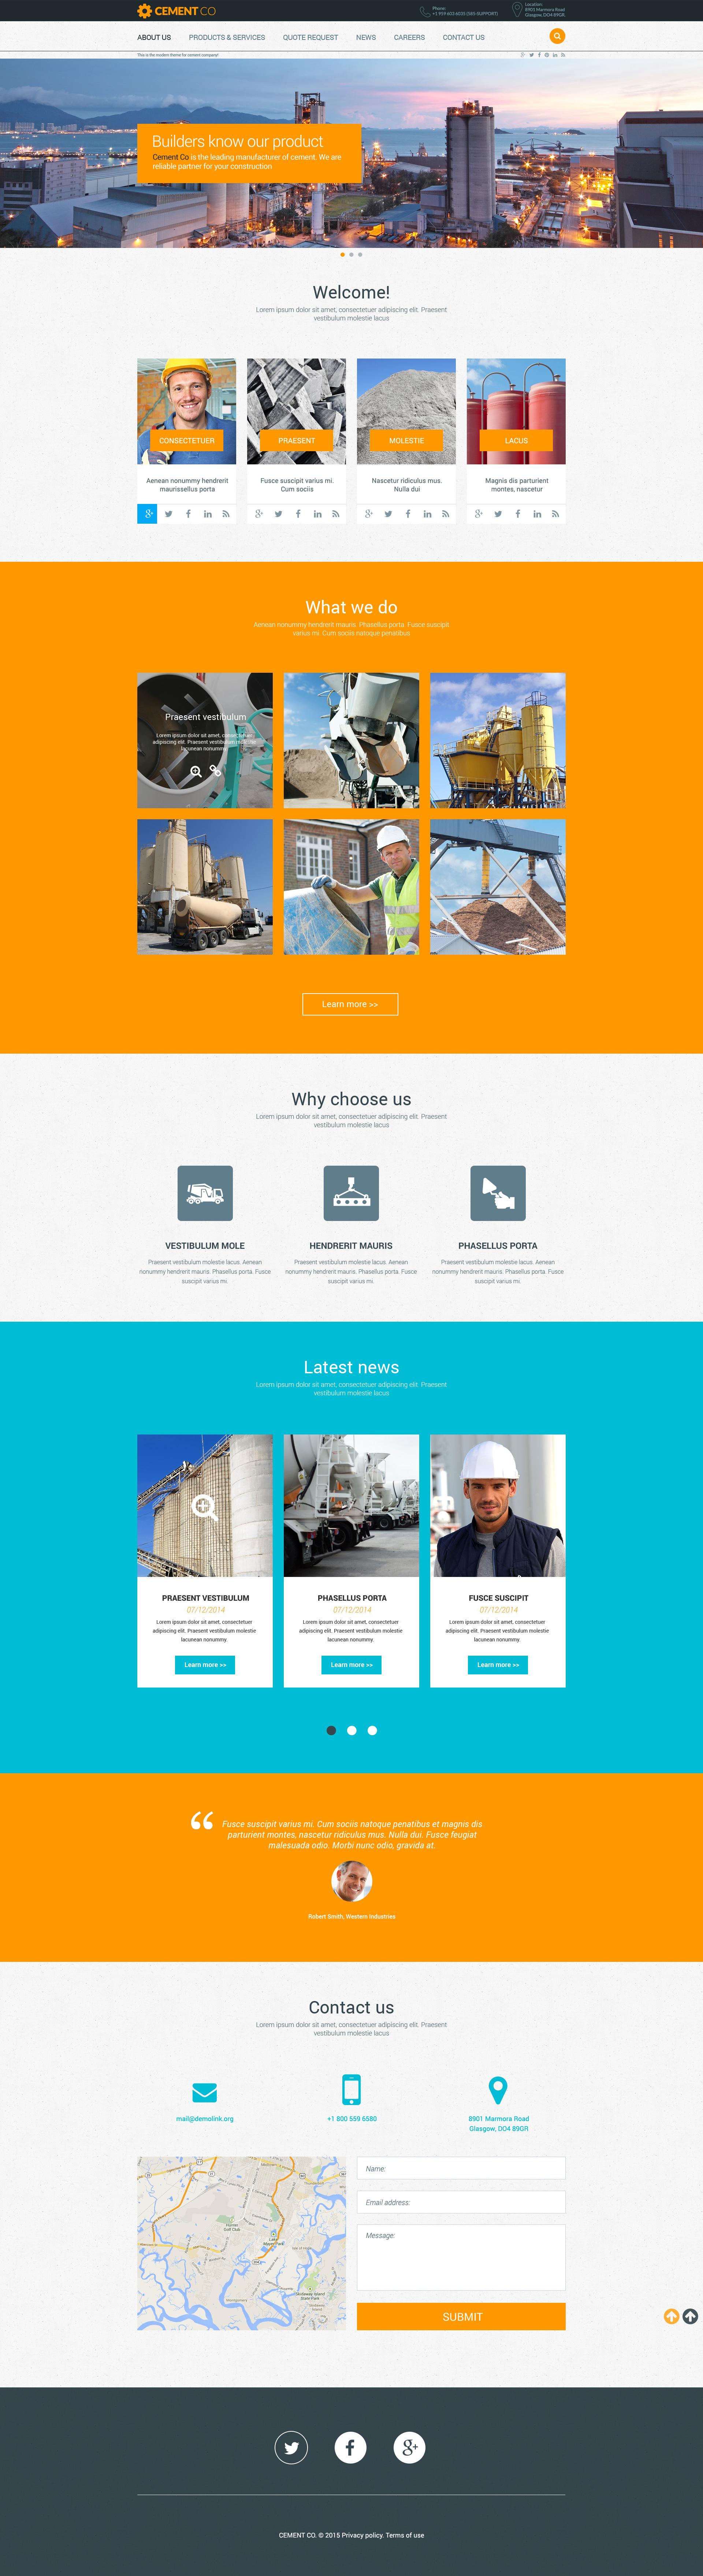 Cement Responsive Website Template - screenshot